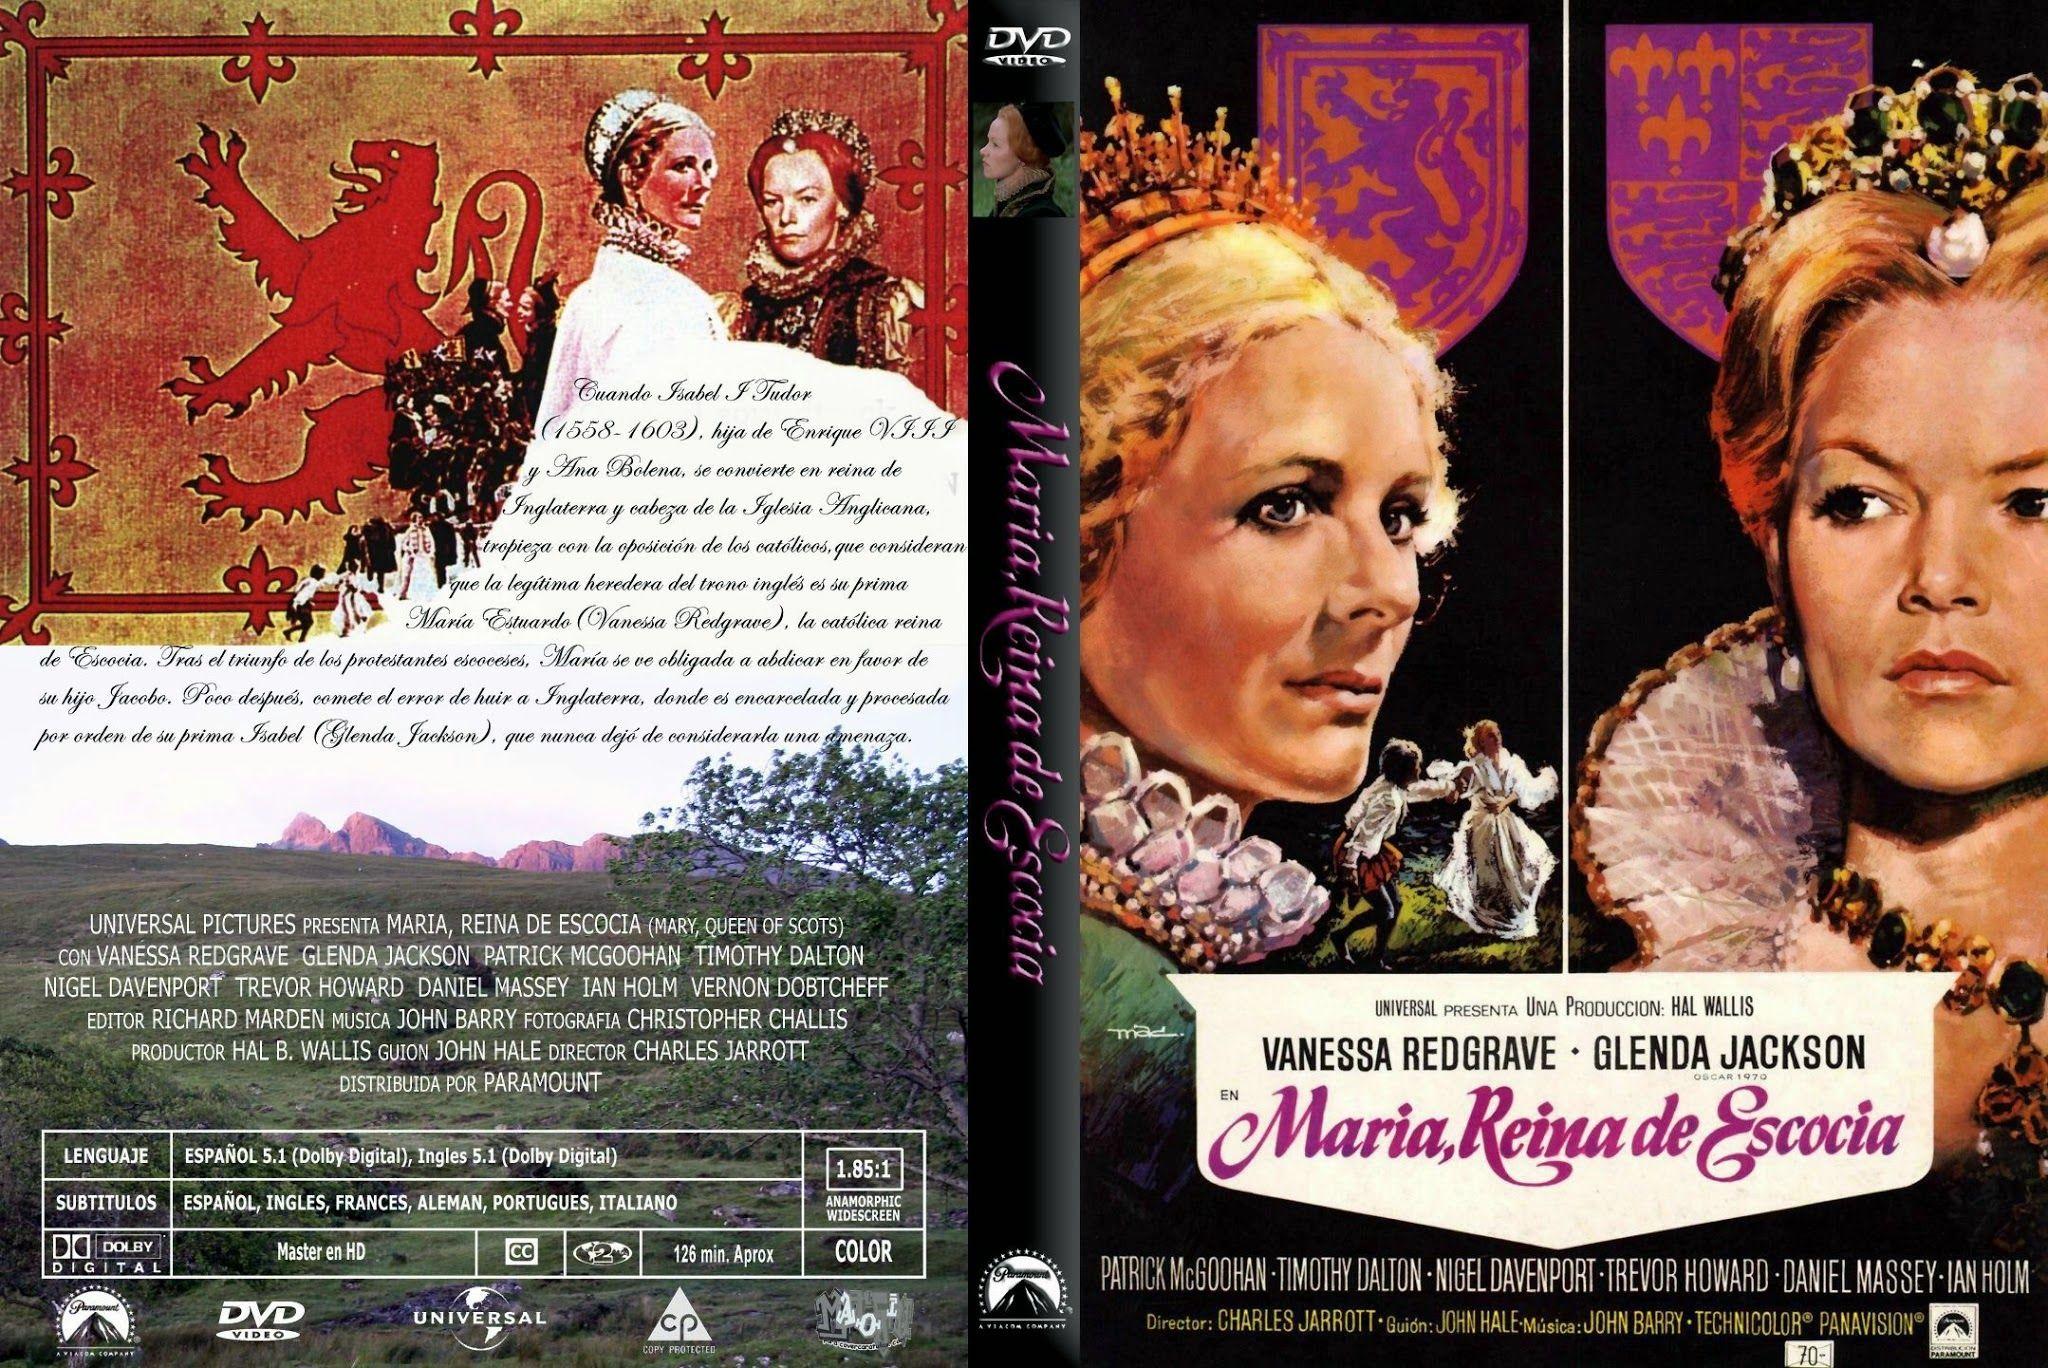 Maria, Reina de Escocia (1971)(Mary, Queen of Scots), es un drama hitórico dirigido por Charles Jarrott con Vanessa Redgrave y Glenda Jackson encabezando e